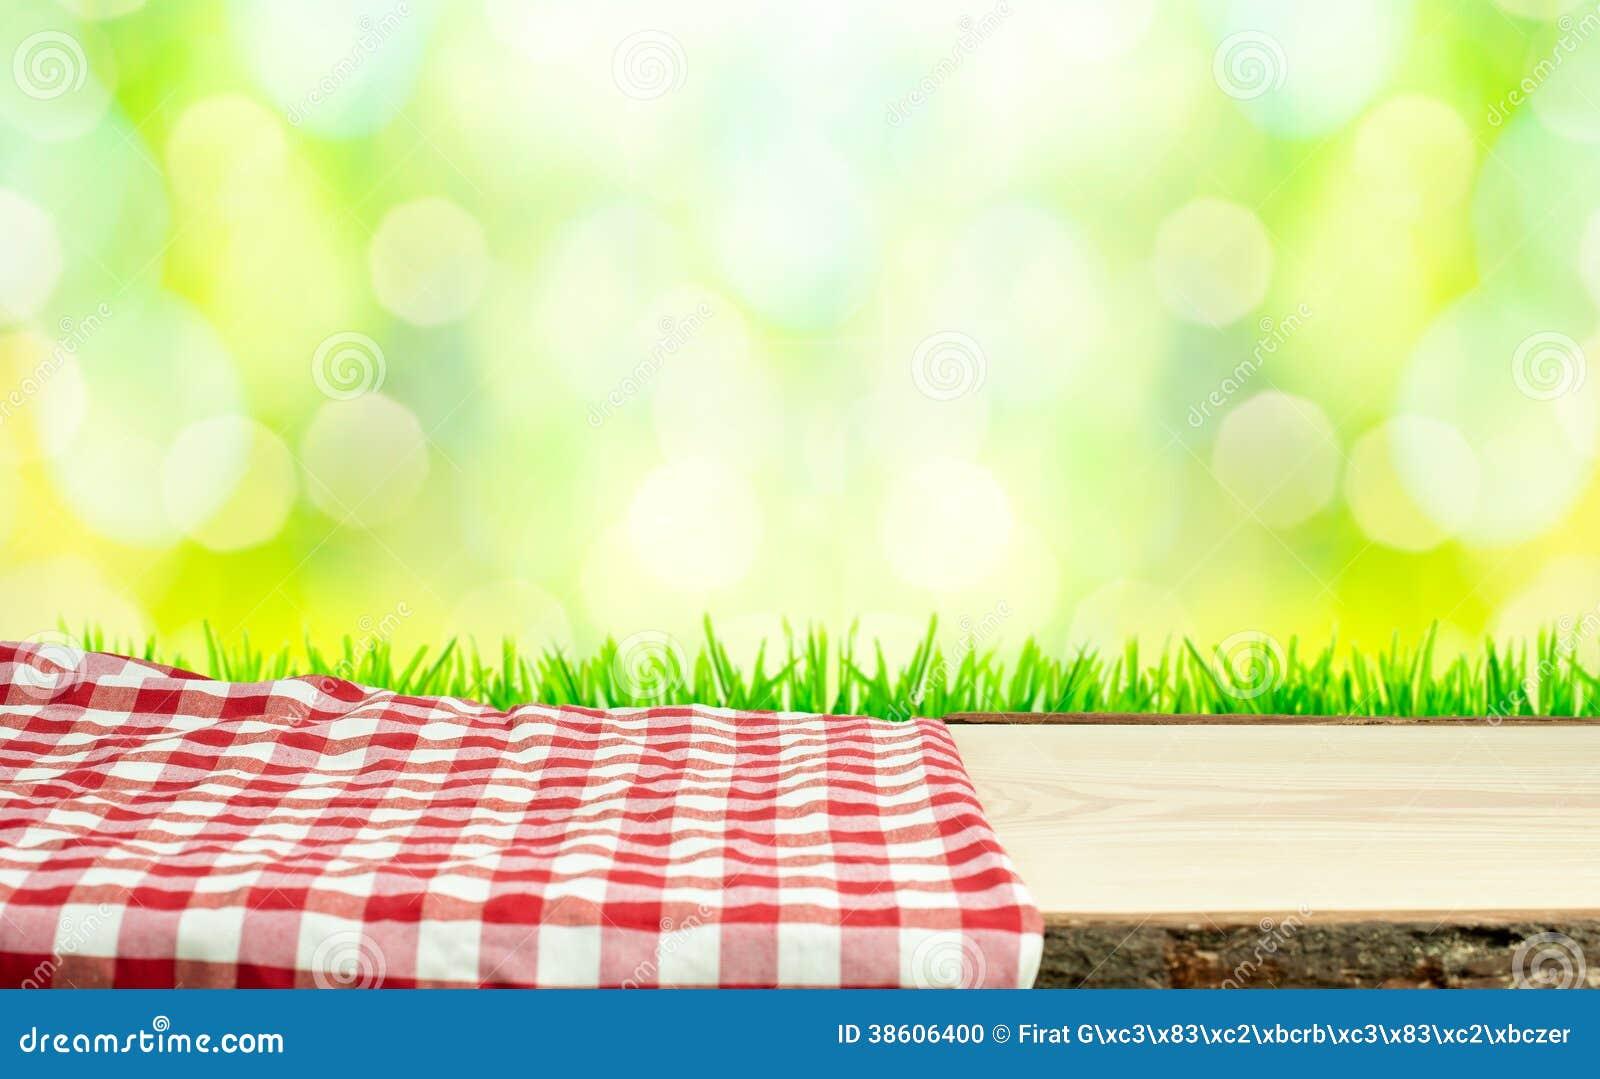 野餐桌本质上